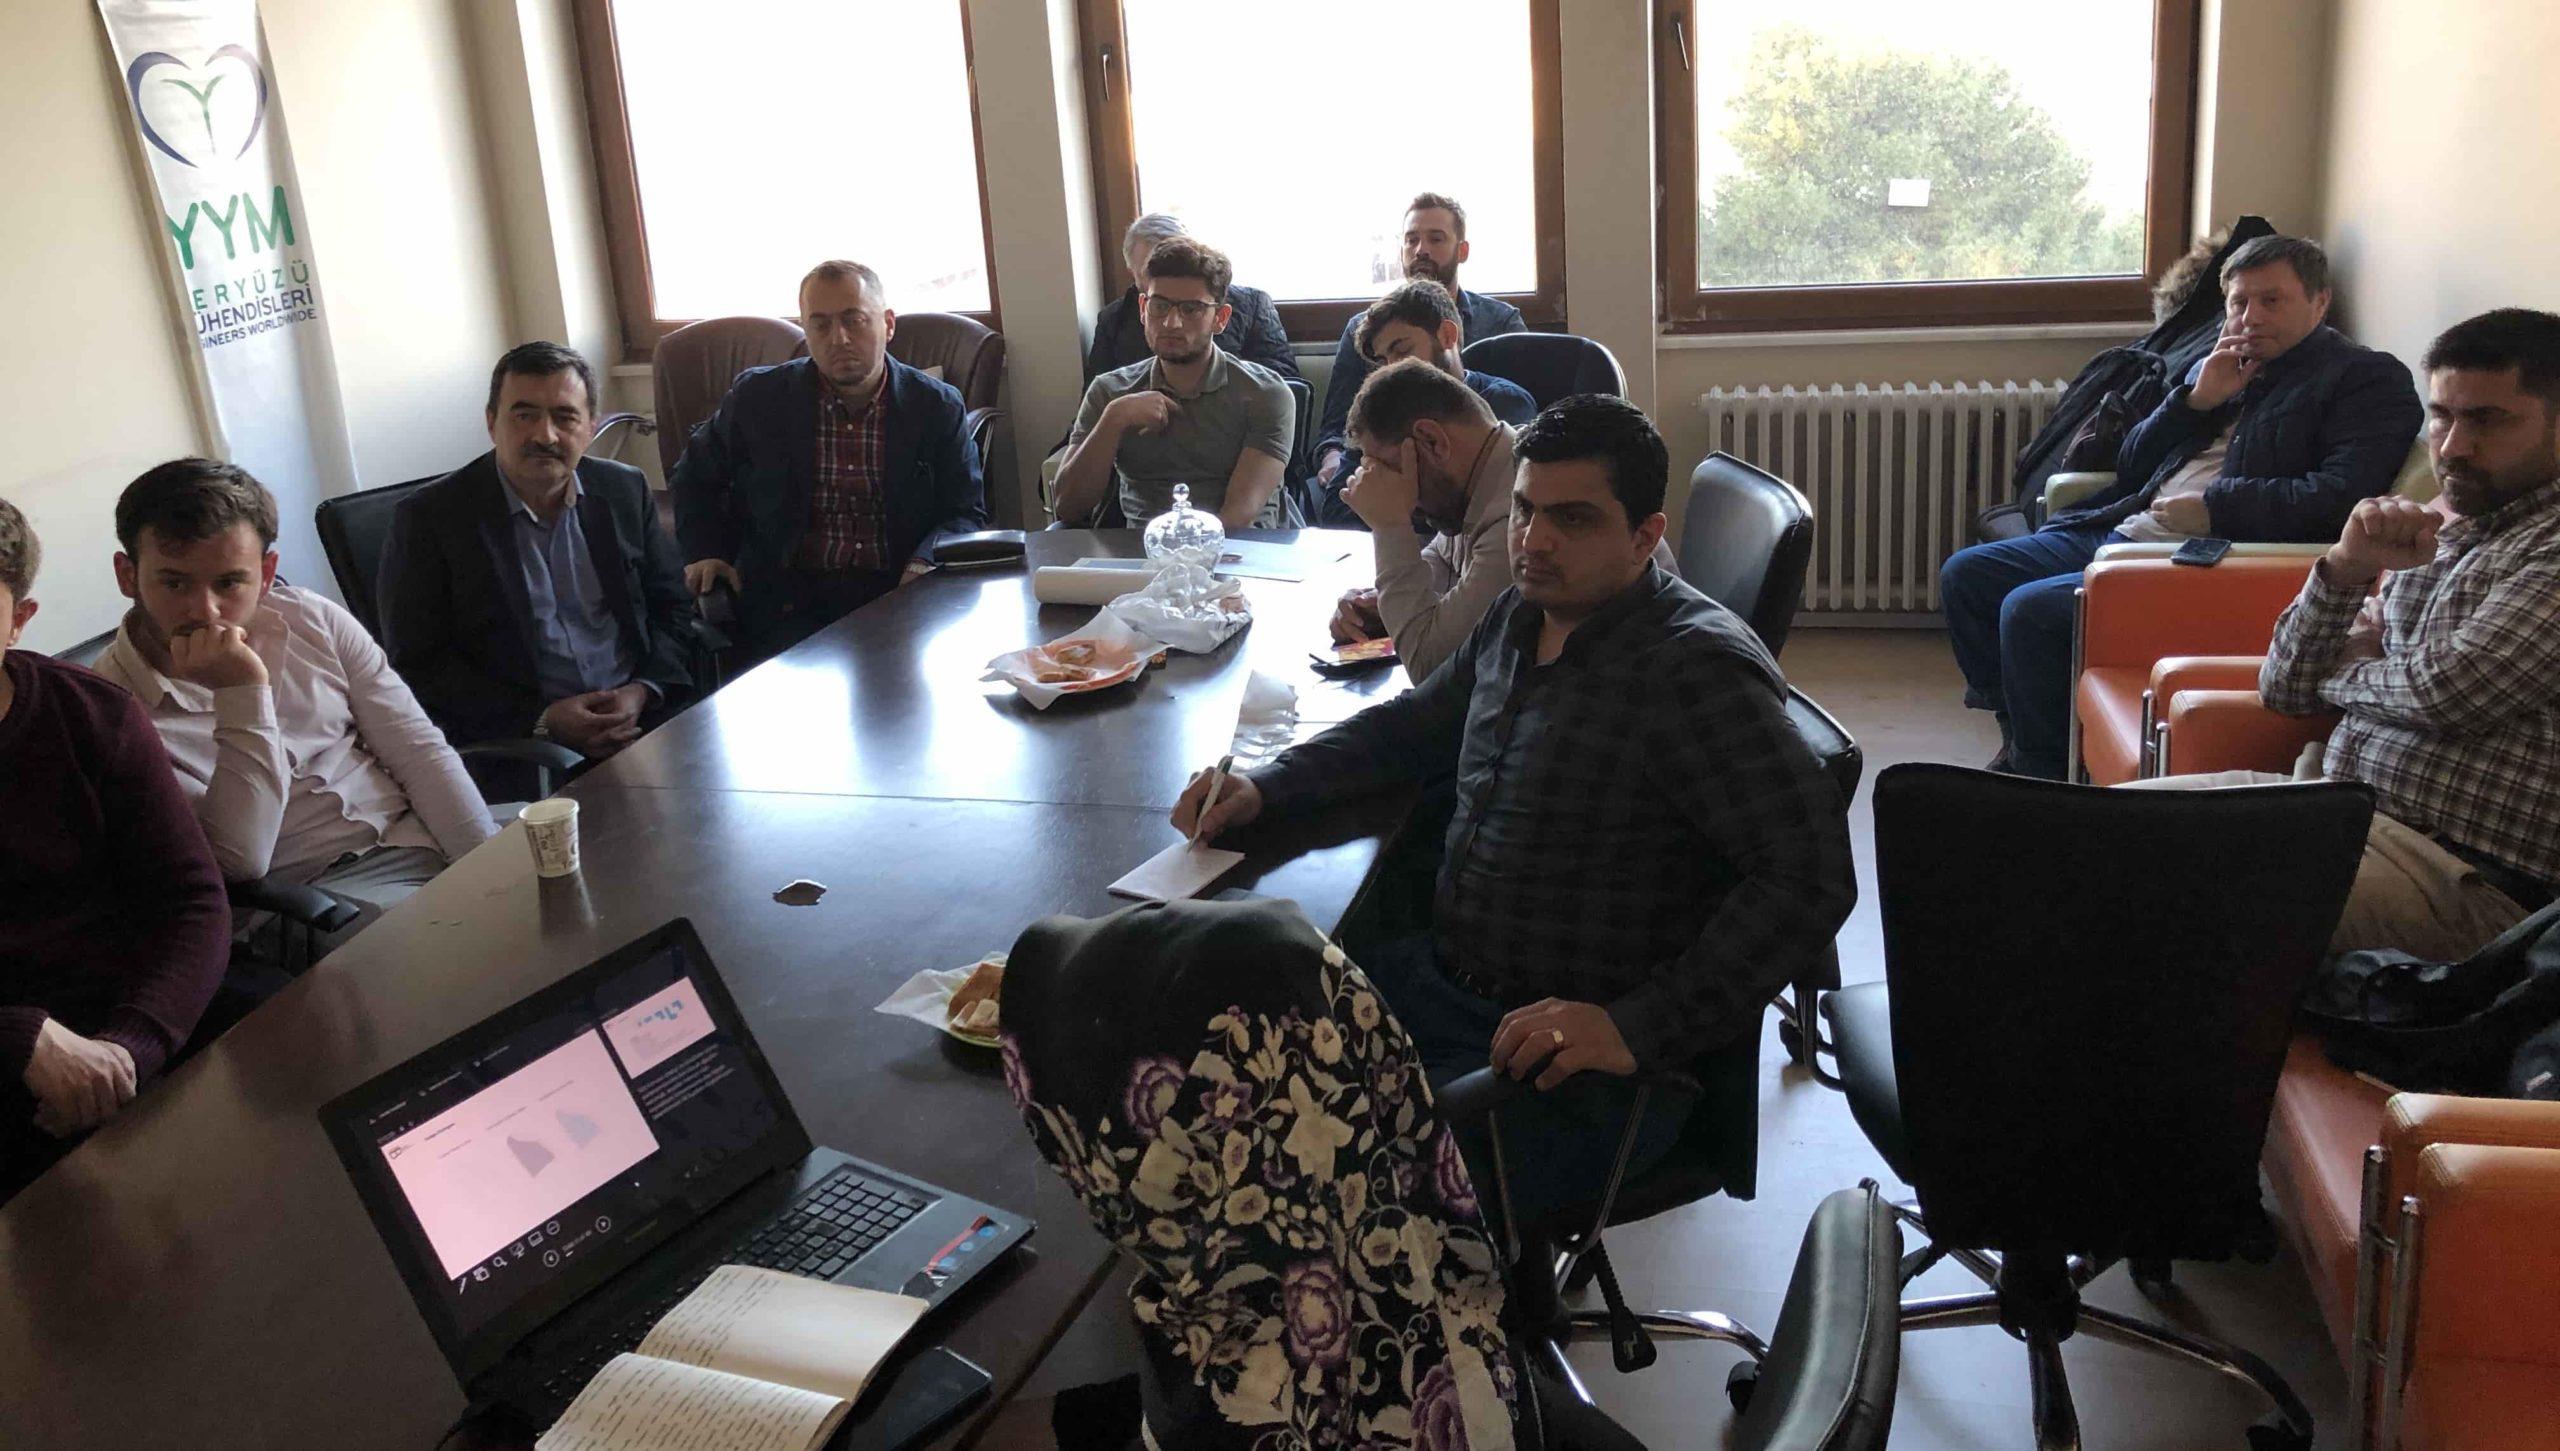 YYM Eğitim Atölyesi'nde Mimarı Zeynep Nur Şahbaz projeyi anlattı